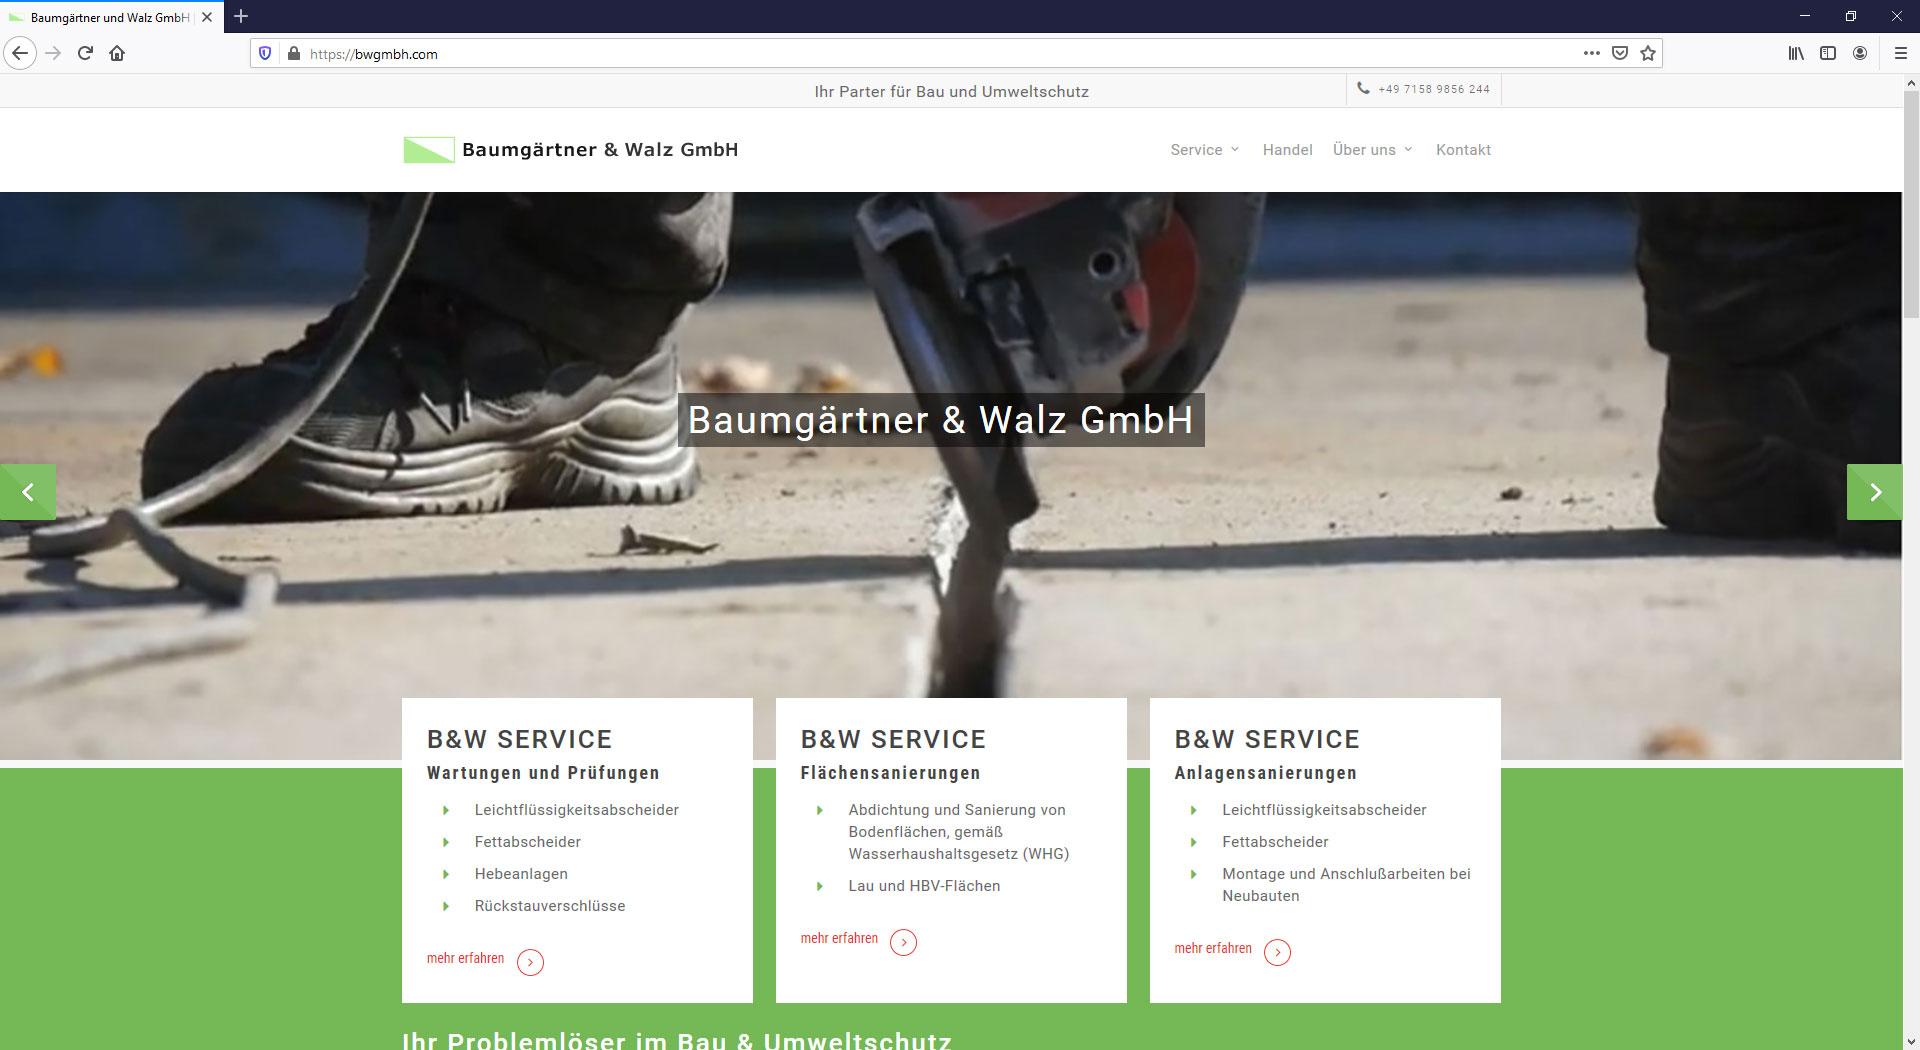 Baumgärtner und Walz GmbH